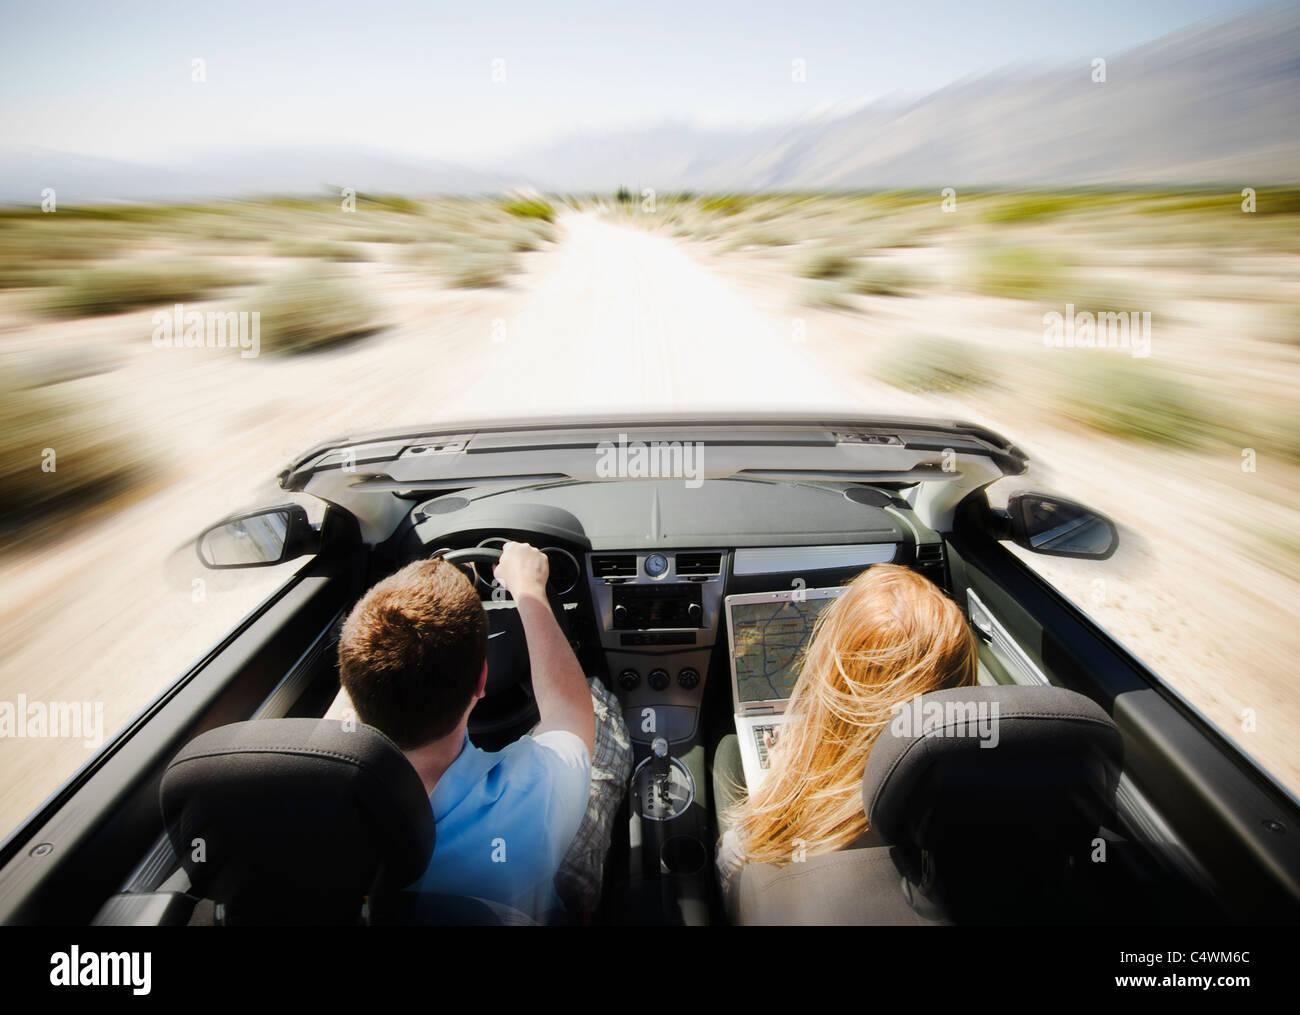 USA, California, Palm Springs, Coachella Valley, San Gorgonio Pass, Couple driving through desert in convertible - Stock Image